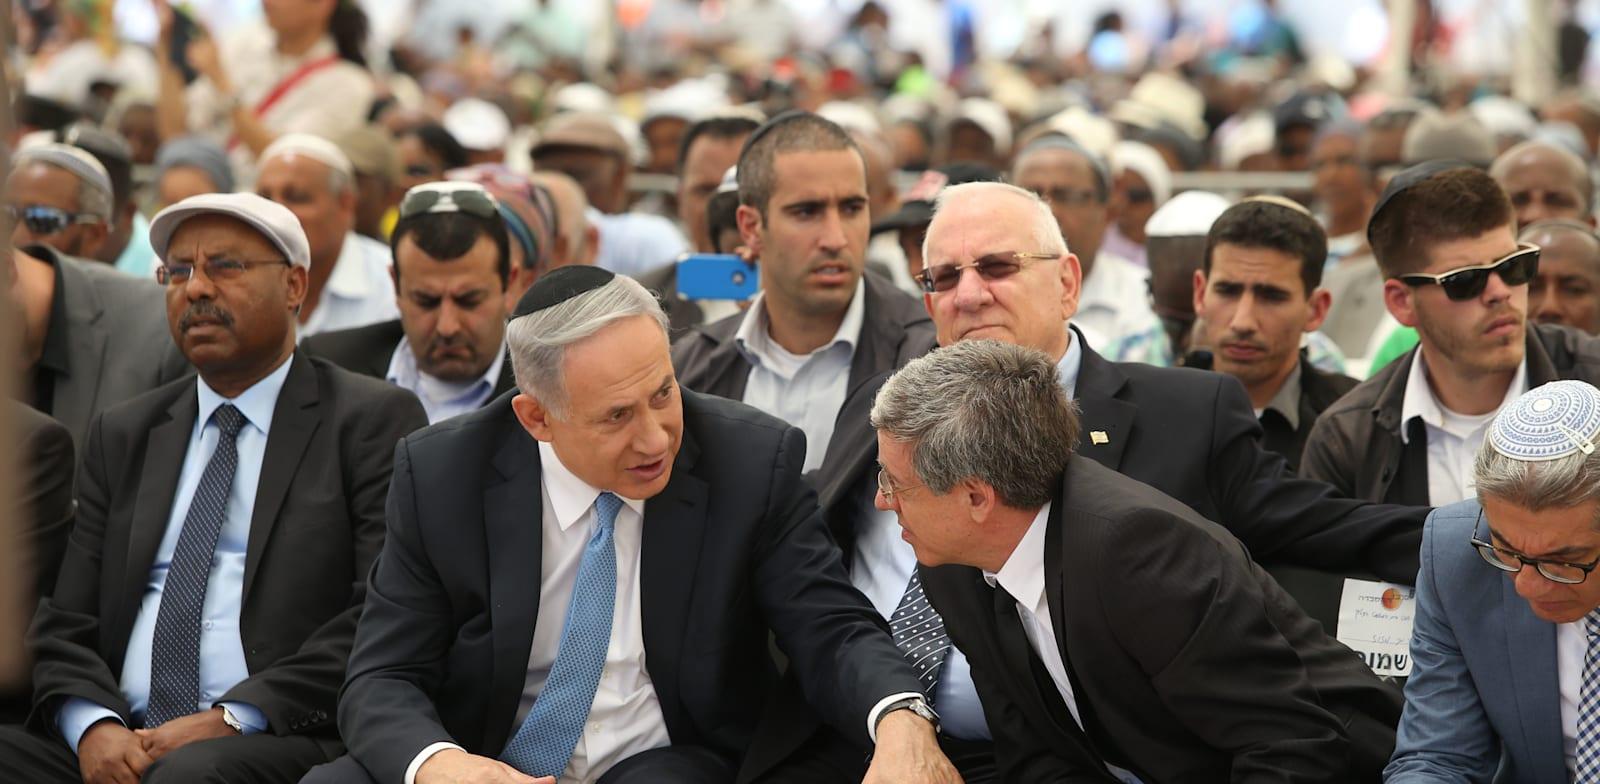 """השופט מני מזוז וראש הממשלה בנימין נתניהו / צילום: עמית שאבי, """"ידיעות אחרונות"""""""